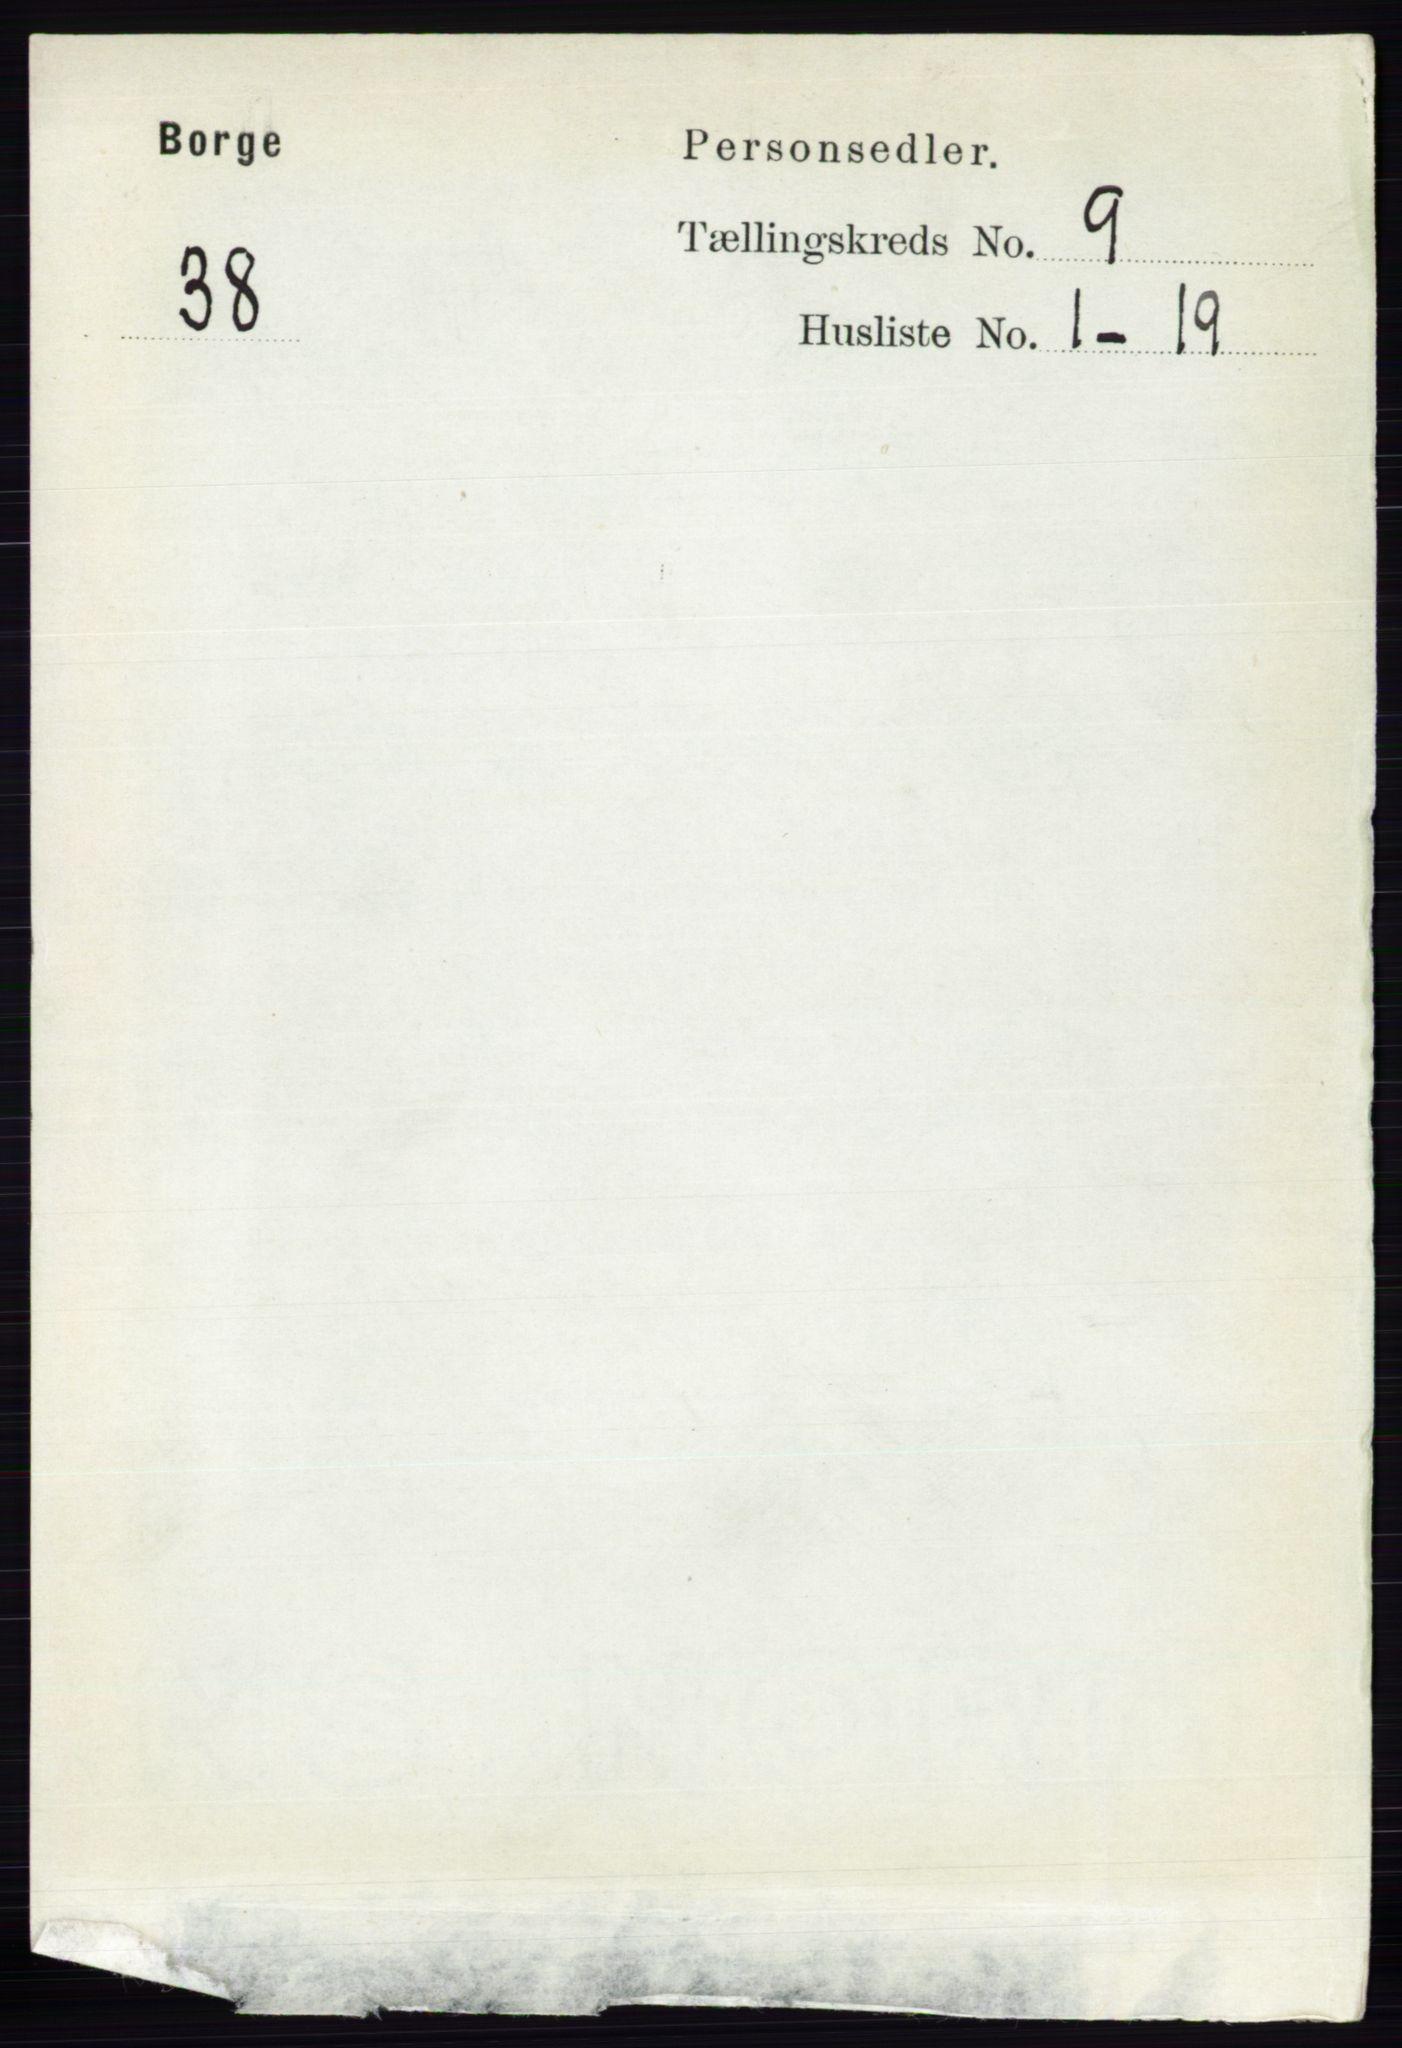 RA, Folketelling 1891 for 0113 Borge herred, 1891, s. 5755